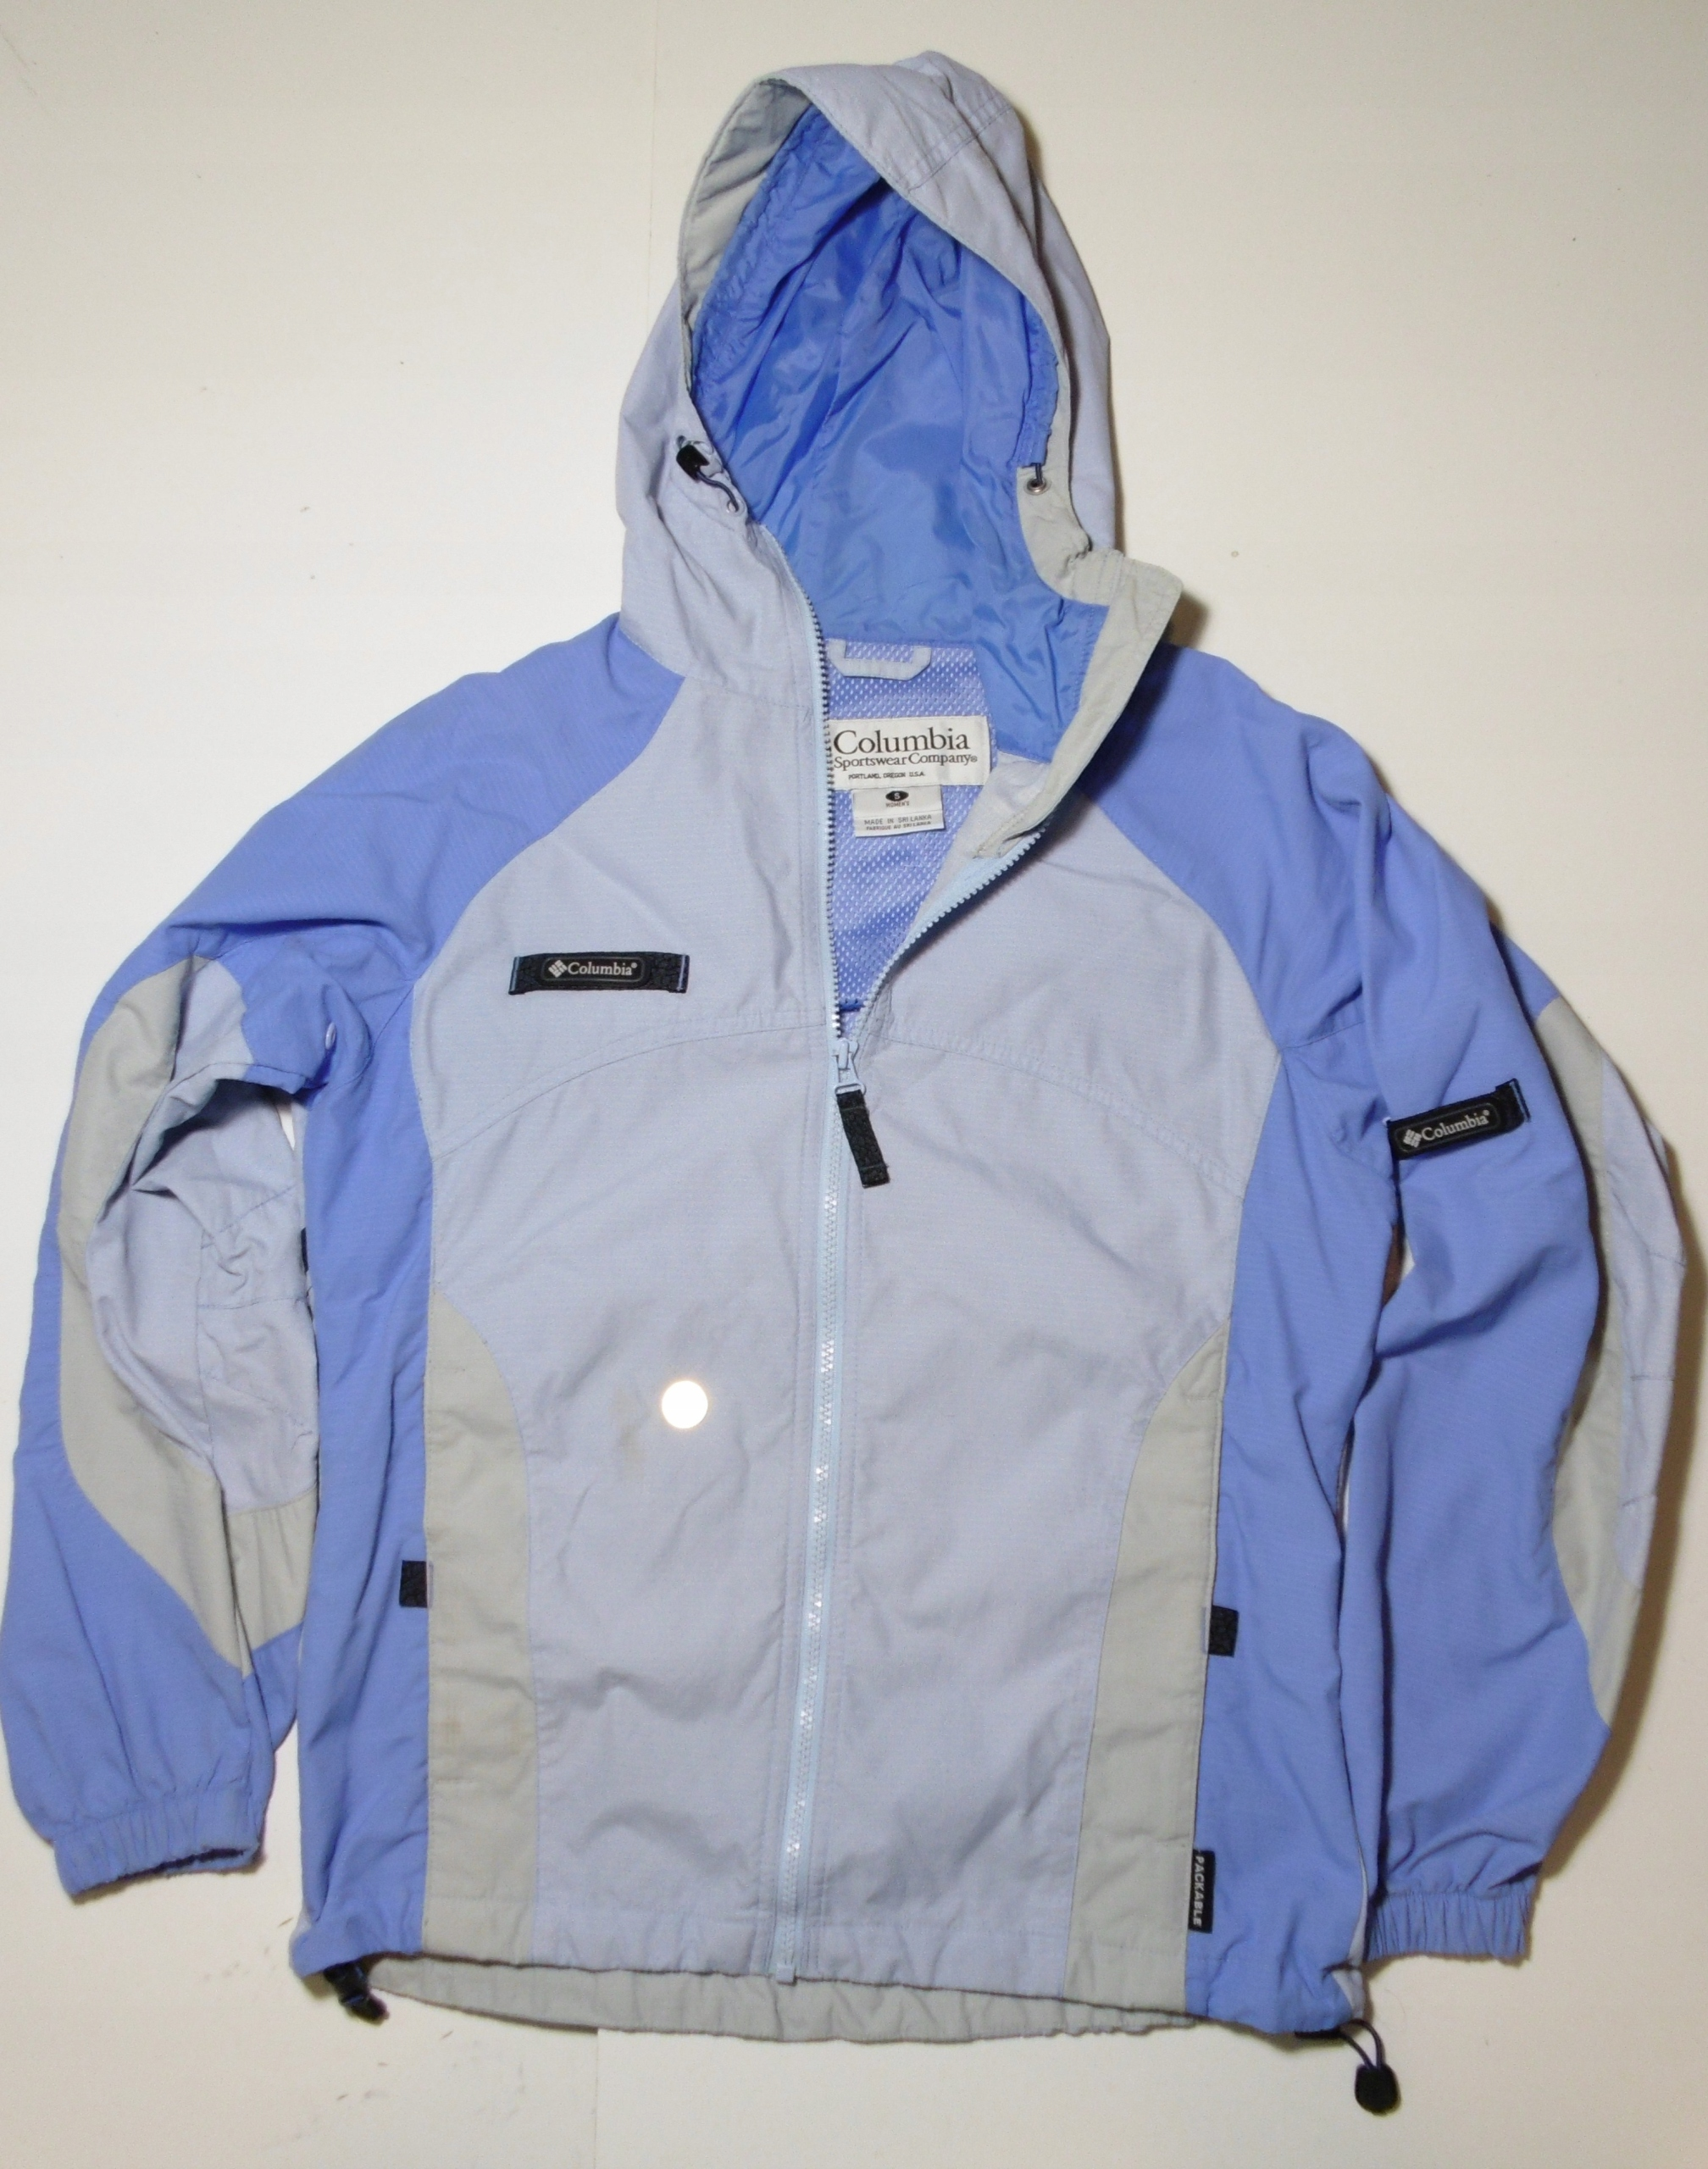 COLUMBIA Packable trekkingowa kurtka damska S